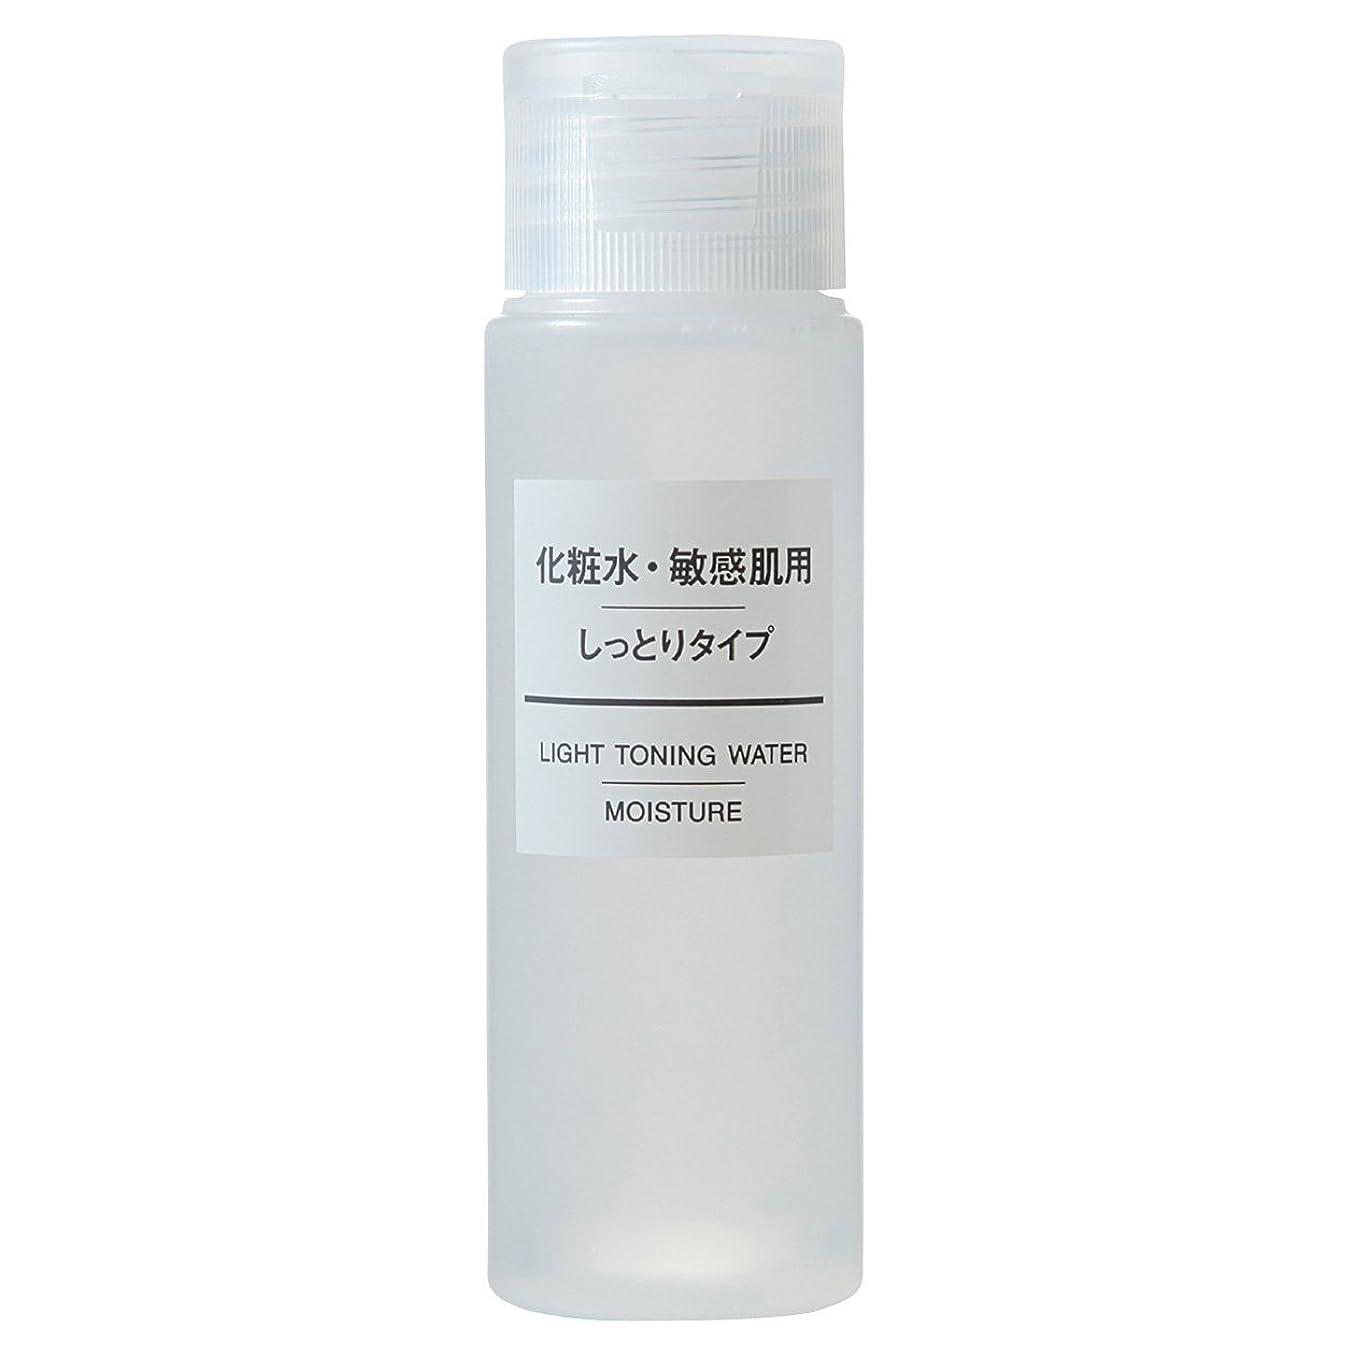 刻む冷酷な緊張無印良品 化粧水?敏感肌用?しっとりタイプ(携帯用) 50ml